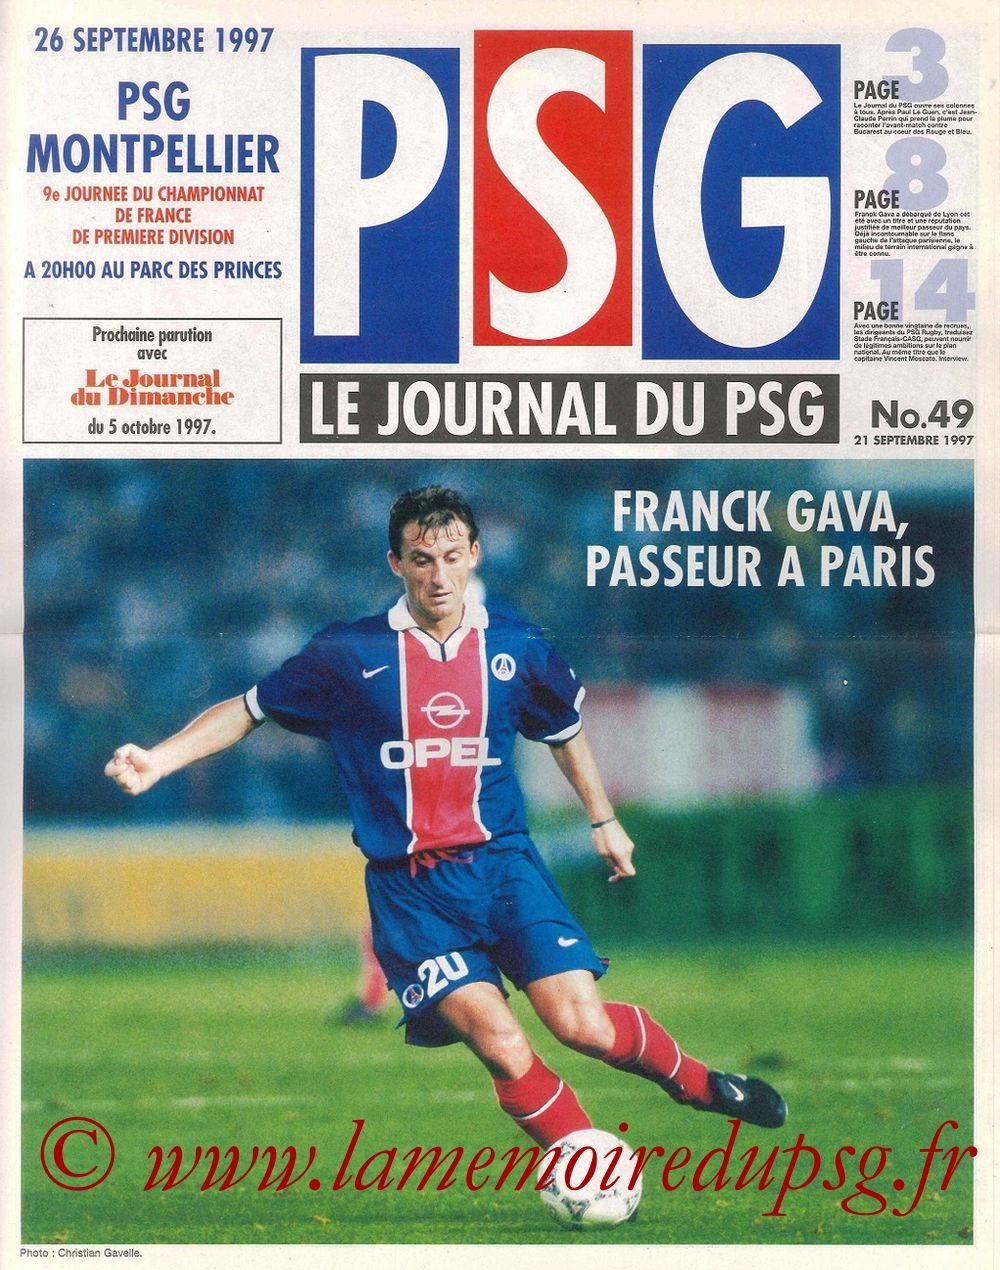 1997-09-26  PSG-Montpellier (9ème D1, Le Journal du PSG N°49)